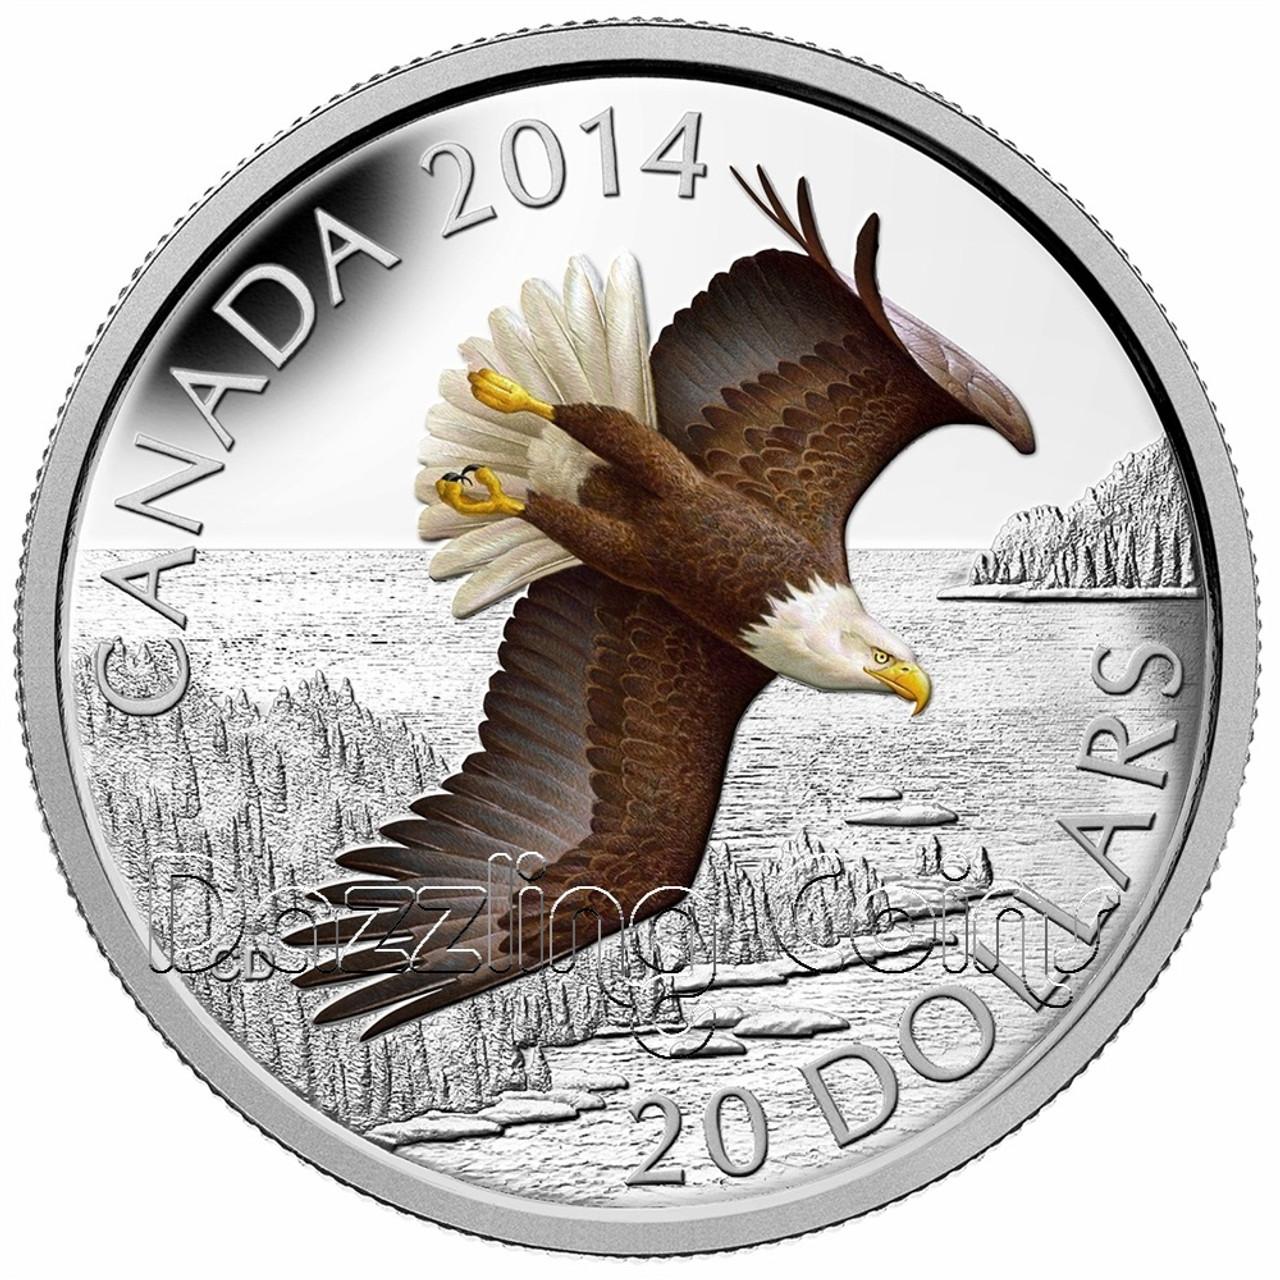 2015 bald eagle color 1 2 oz silver coin canada 9999 silver